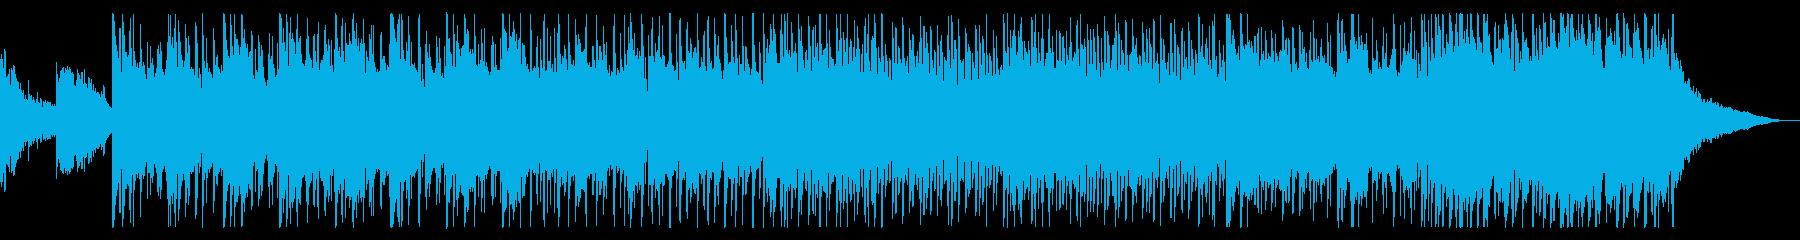 ポジティブで軽快なクラシカルサウンドの再生済みの波形